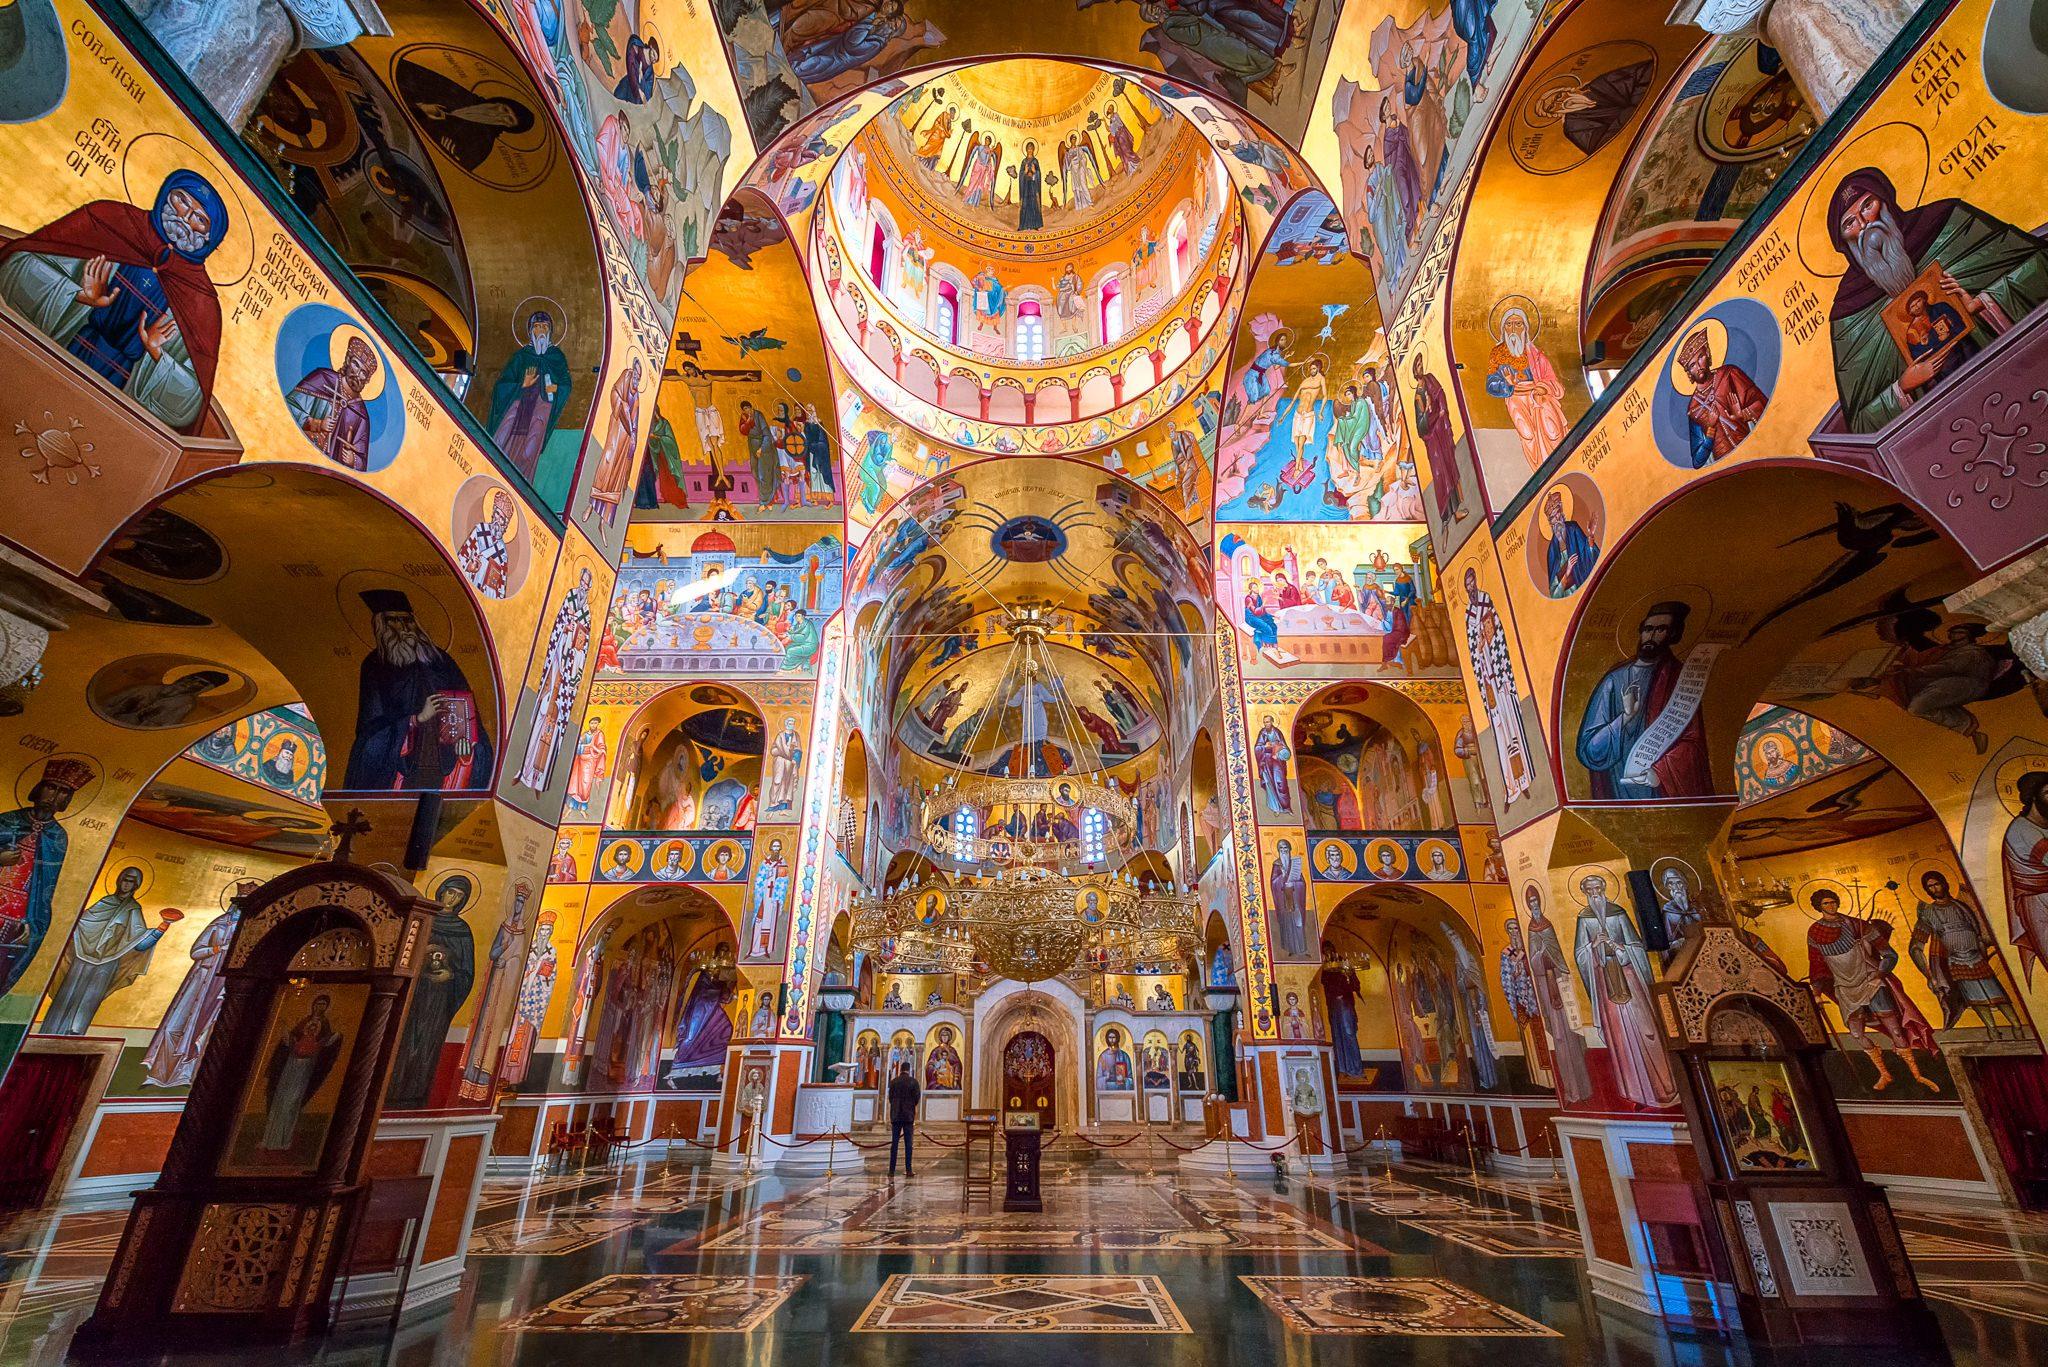 Das Innere der Kathedrale zur Auferstehung von Christus, mit modernen Fresken, Podgorica, Montenegro.